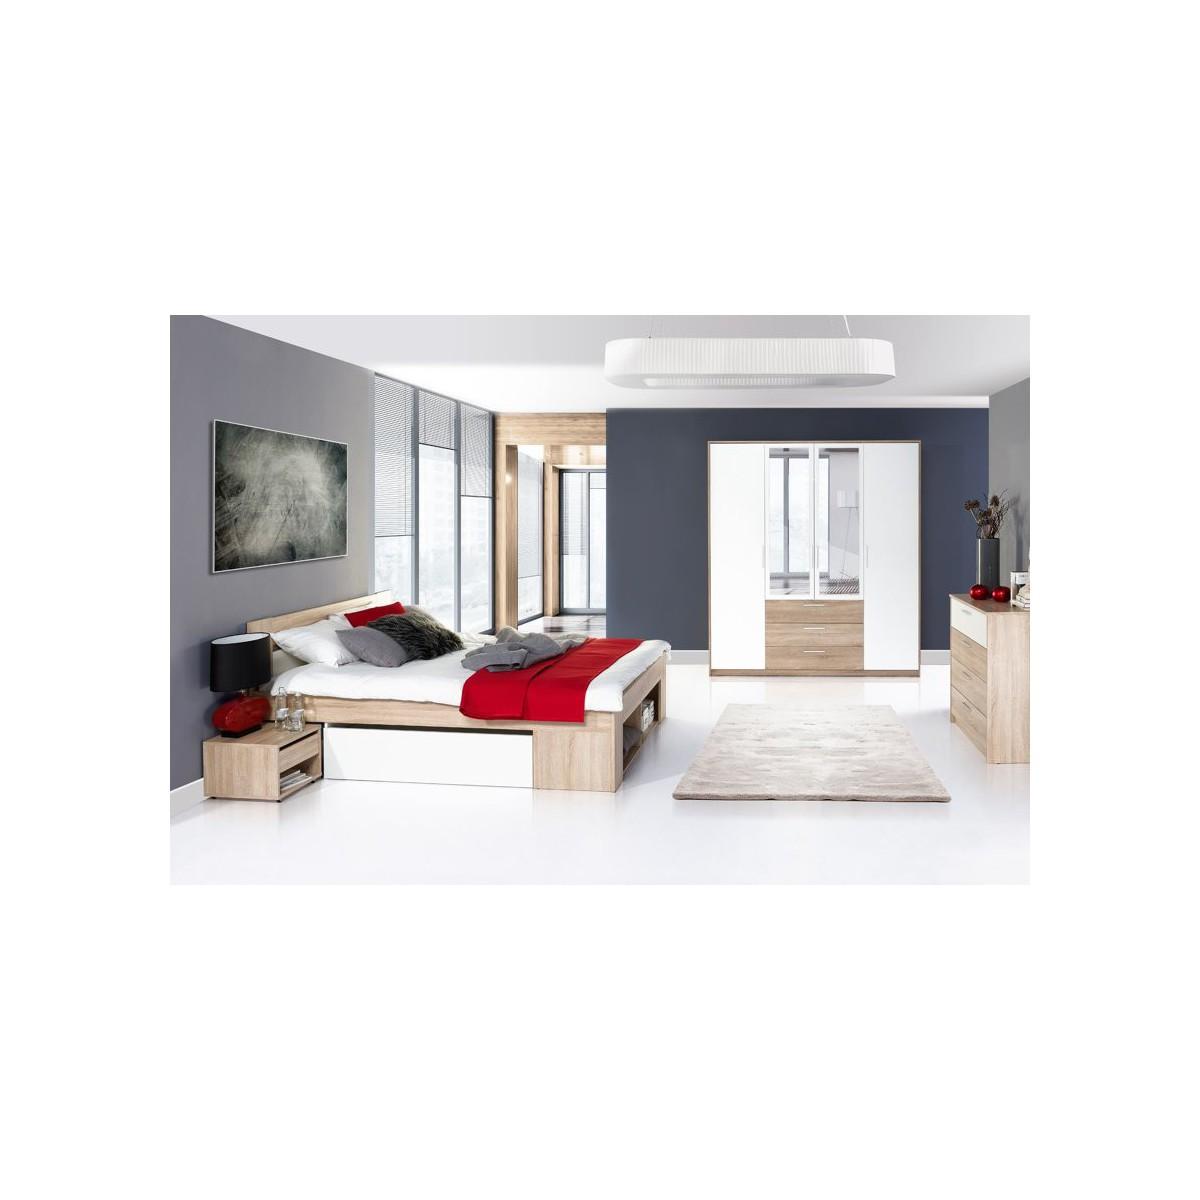 Łóżko 140 cm + 2 szafki nocne Milo Typ 08